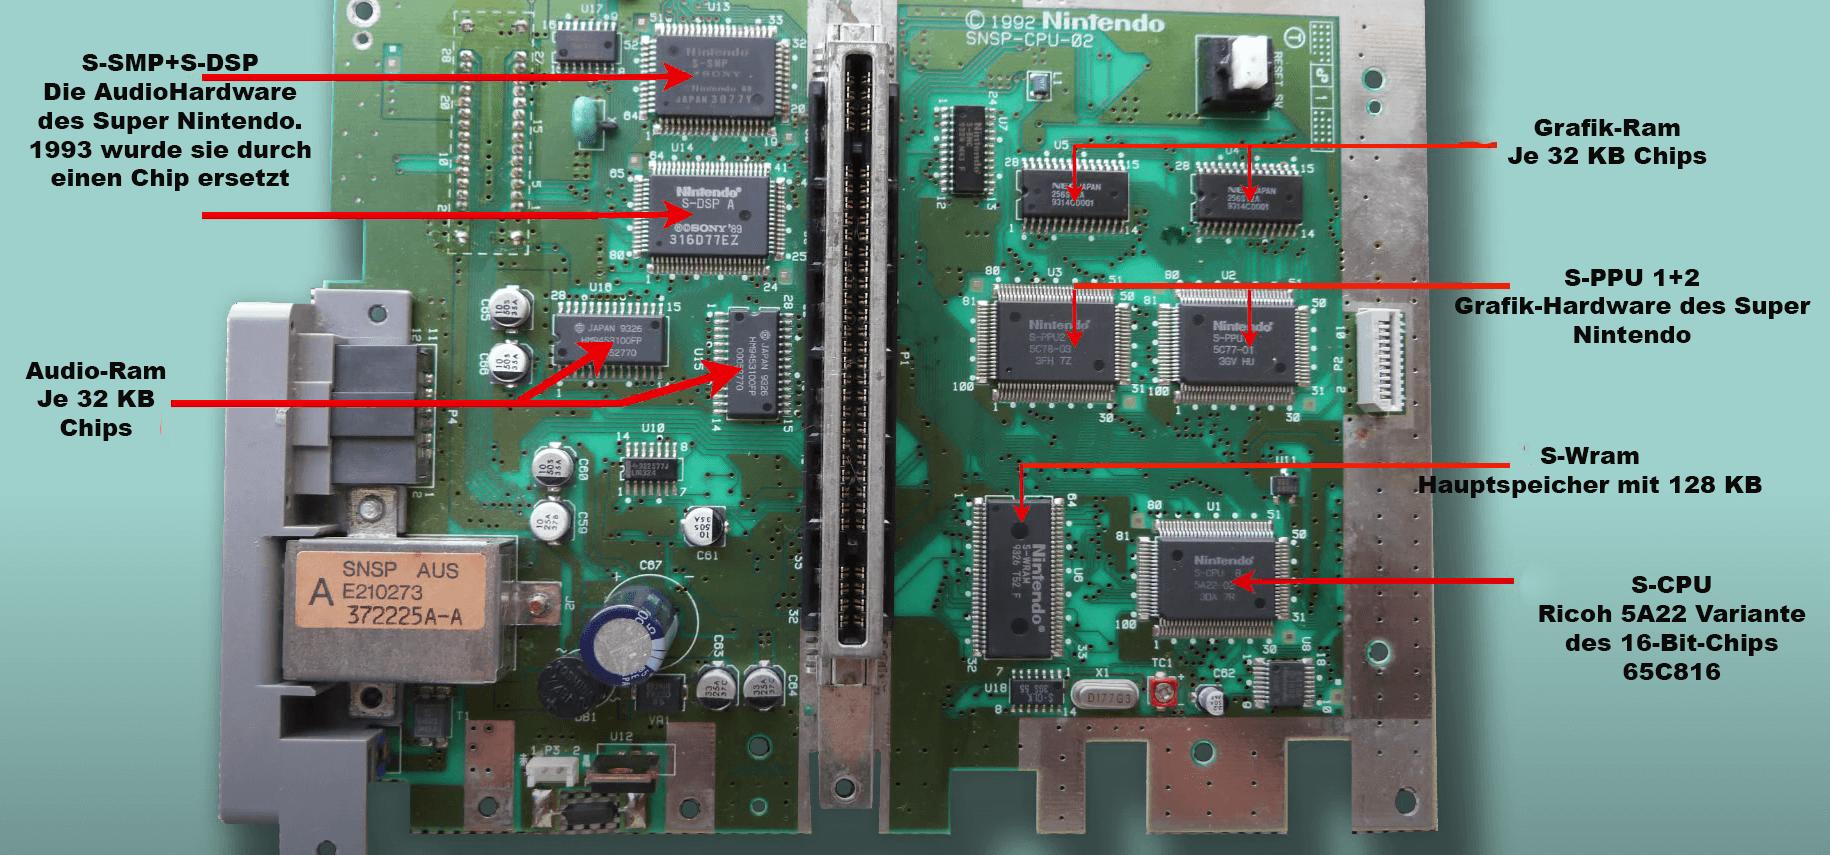 SNES Hauptplatine mit verschieden Chips